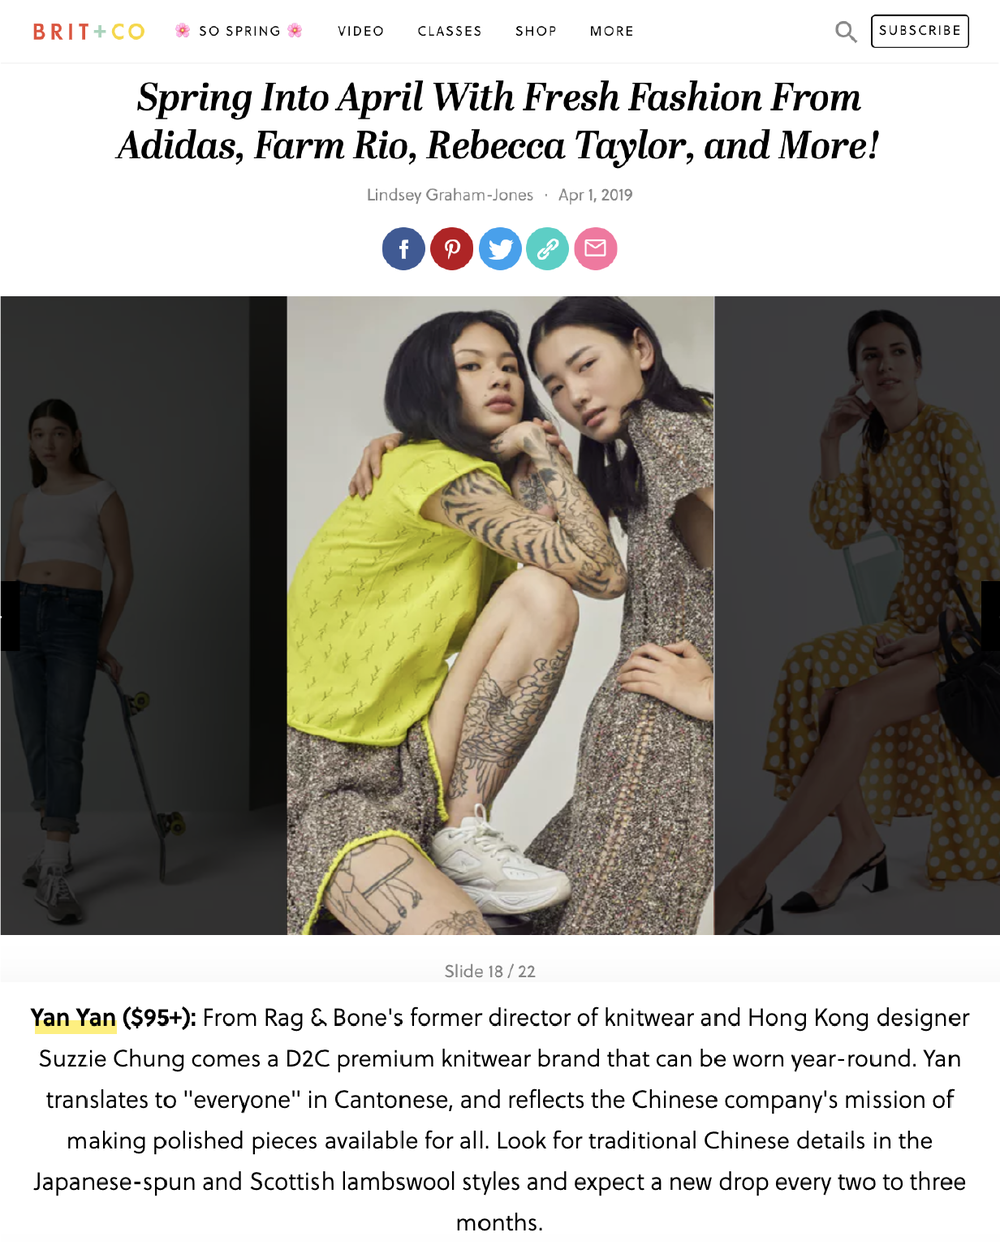 https://www.brit.co/april-2019-fashion-launches/?slide=18